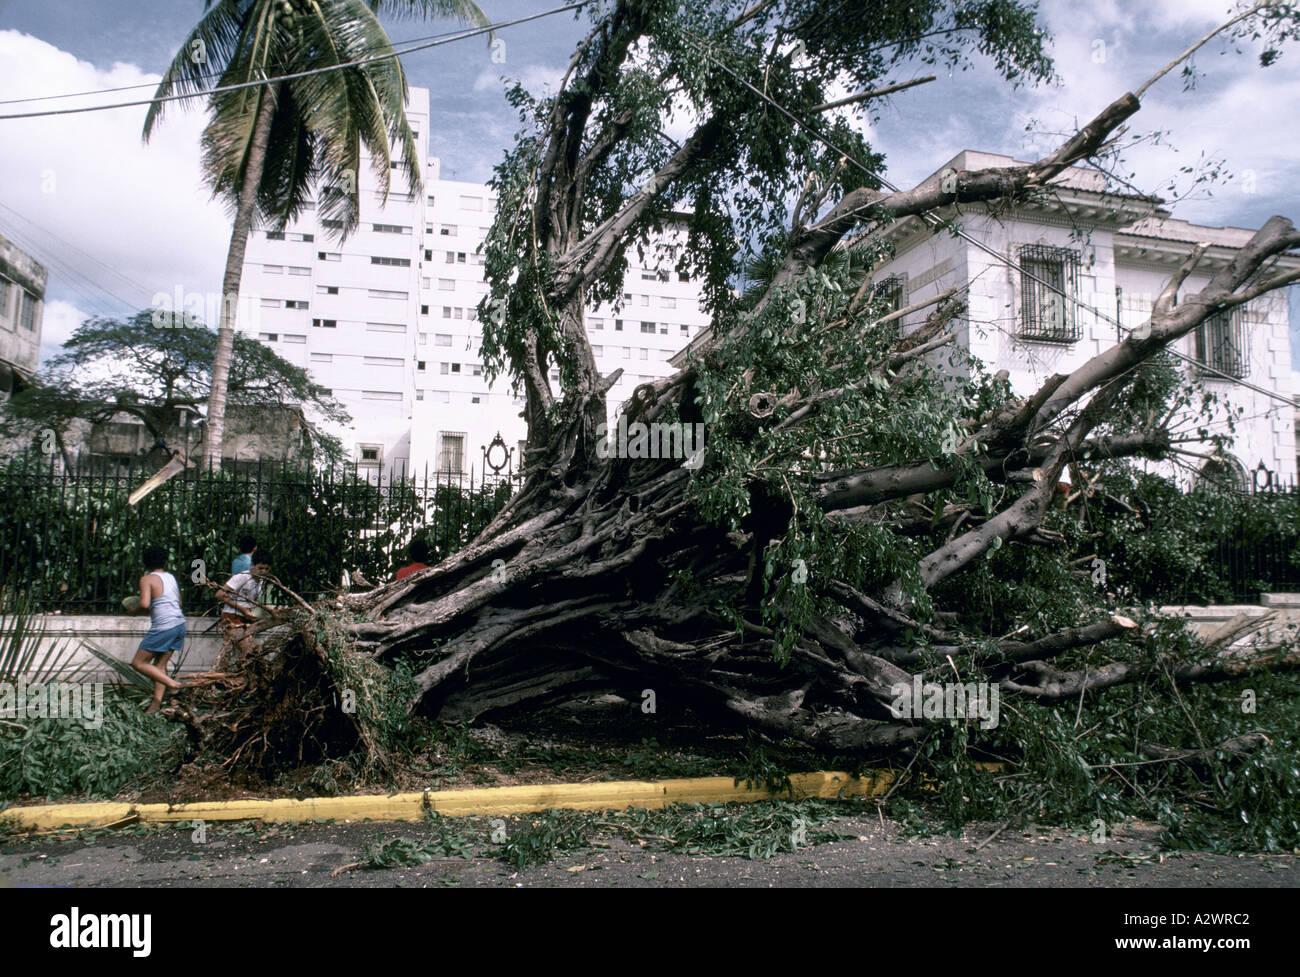 Baum entwurzelt, liegend auf dem Bürgersteig nach einem Hurrikan in Havanna Kuba Stockbild